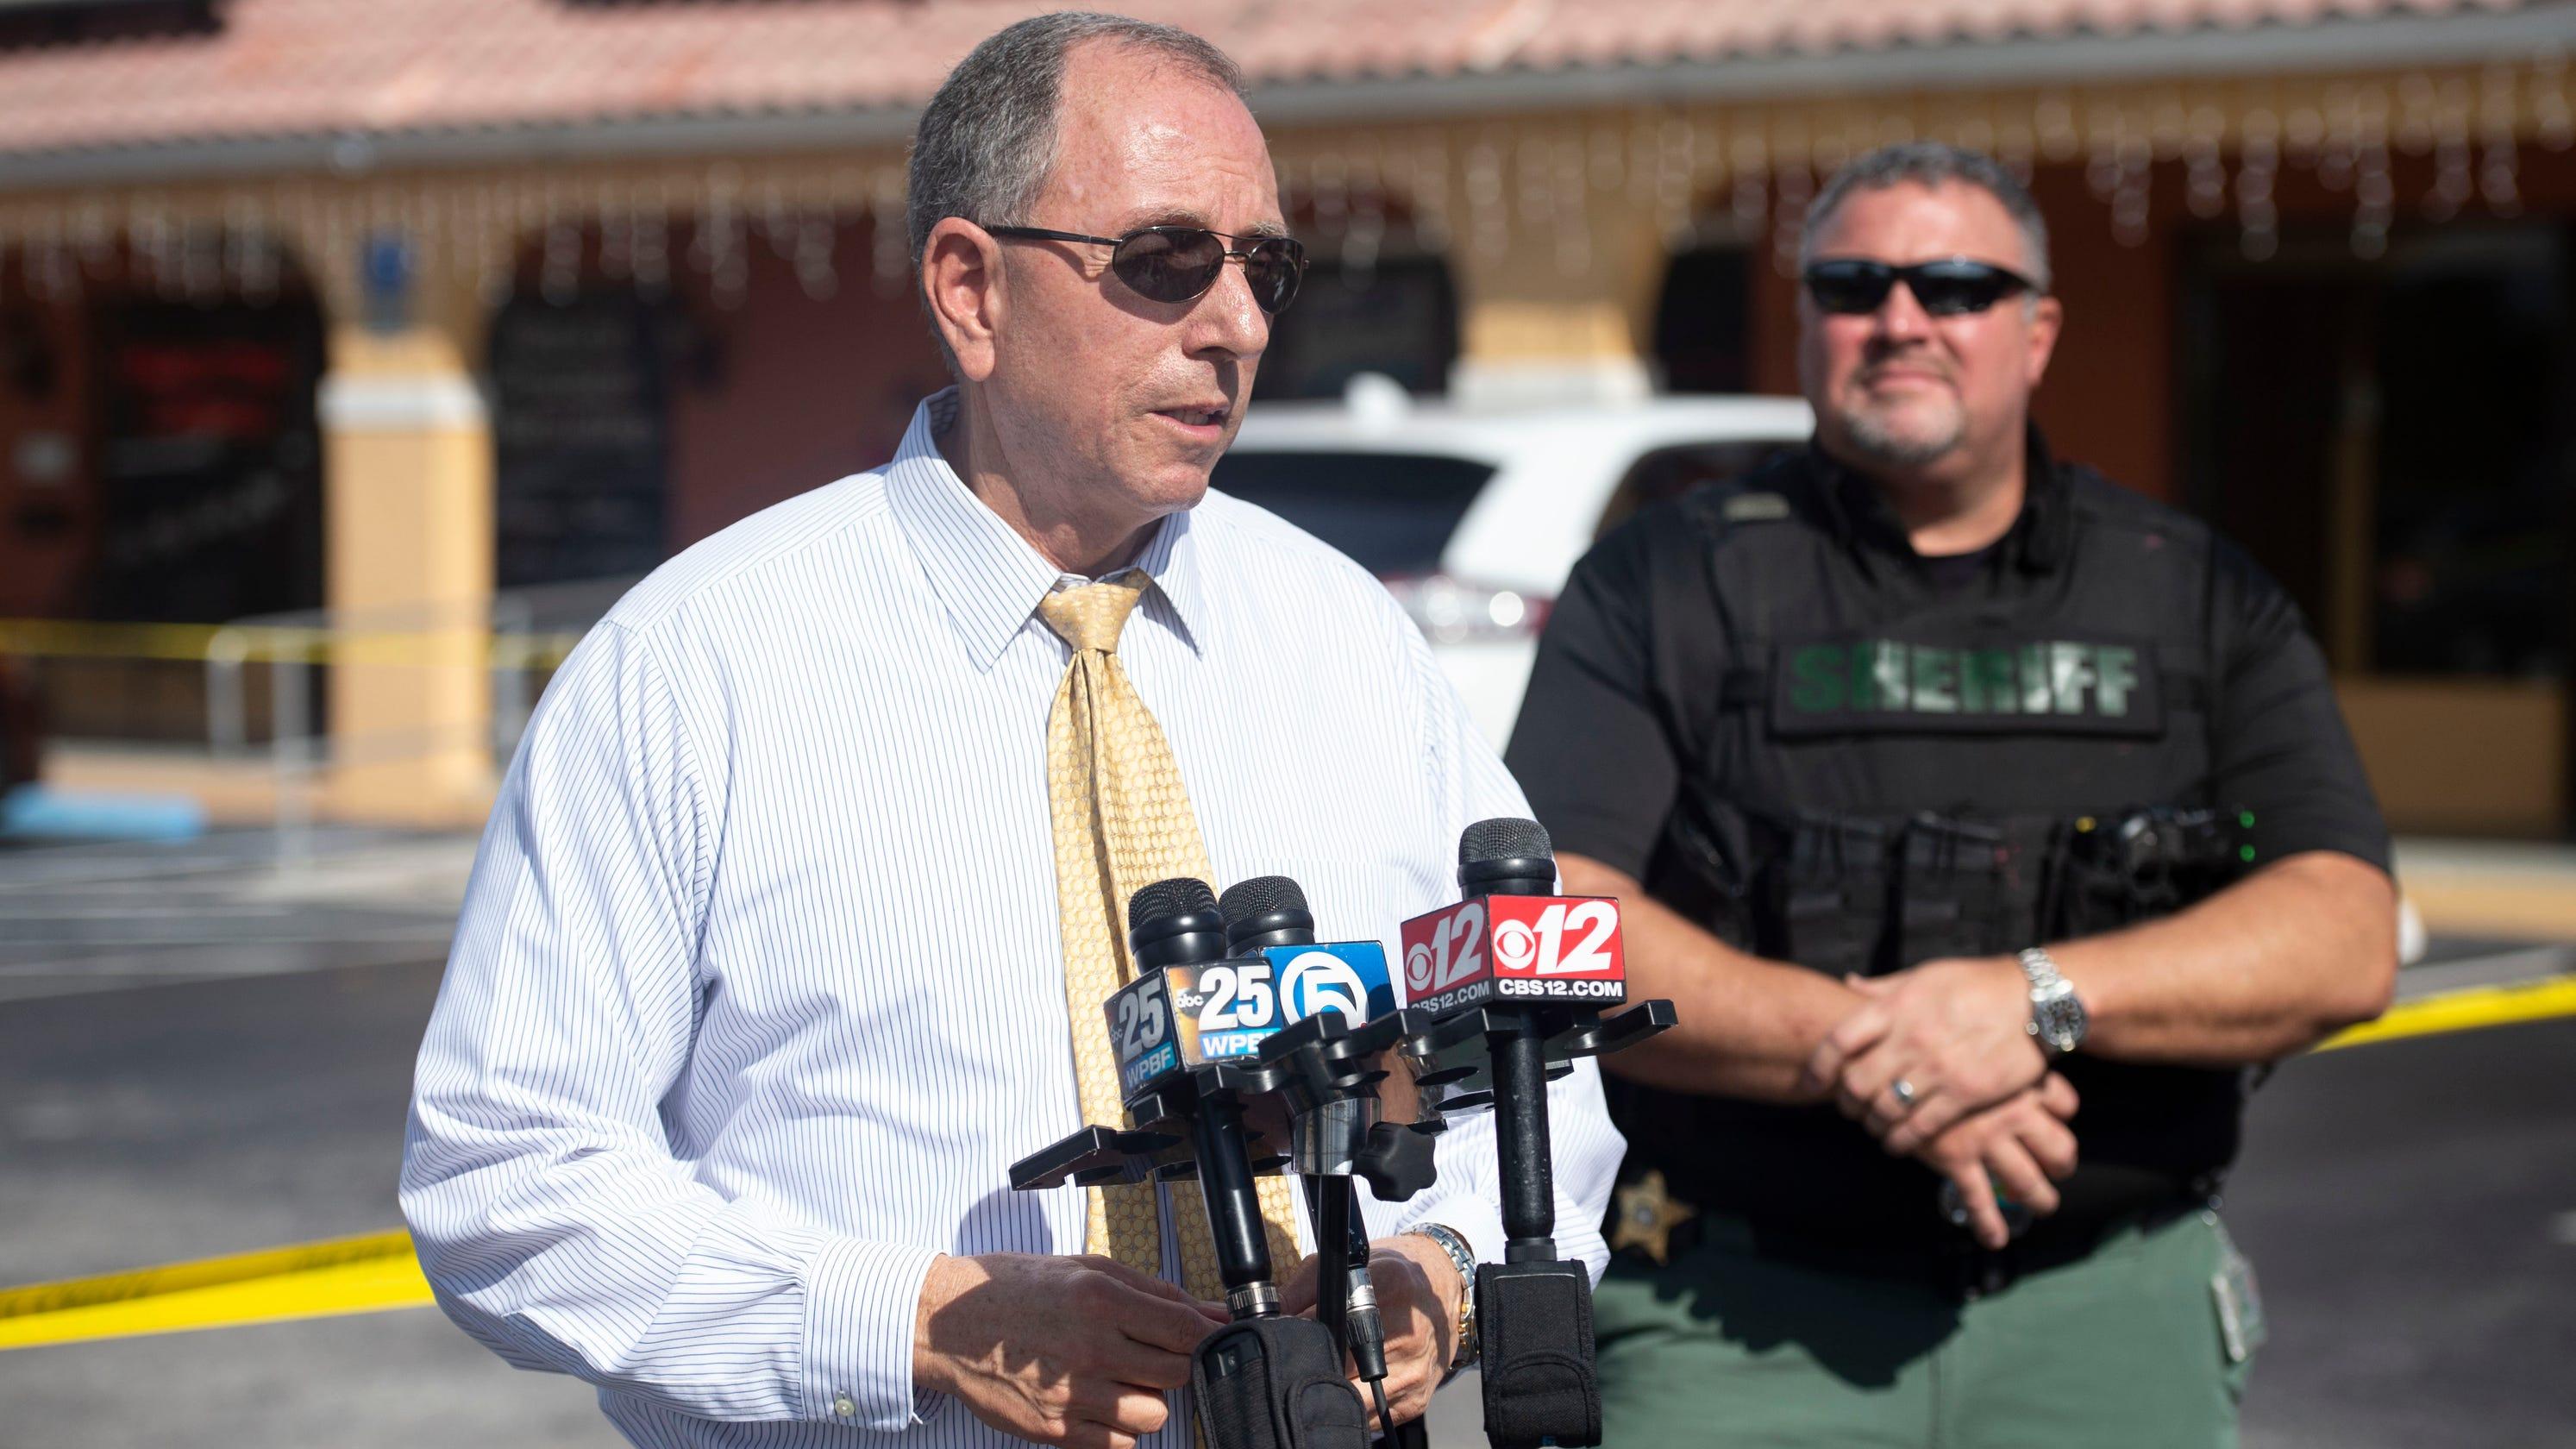 Justified shooting or vigilantism in Jensen Beach? | Trending